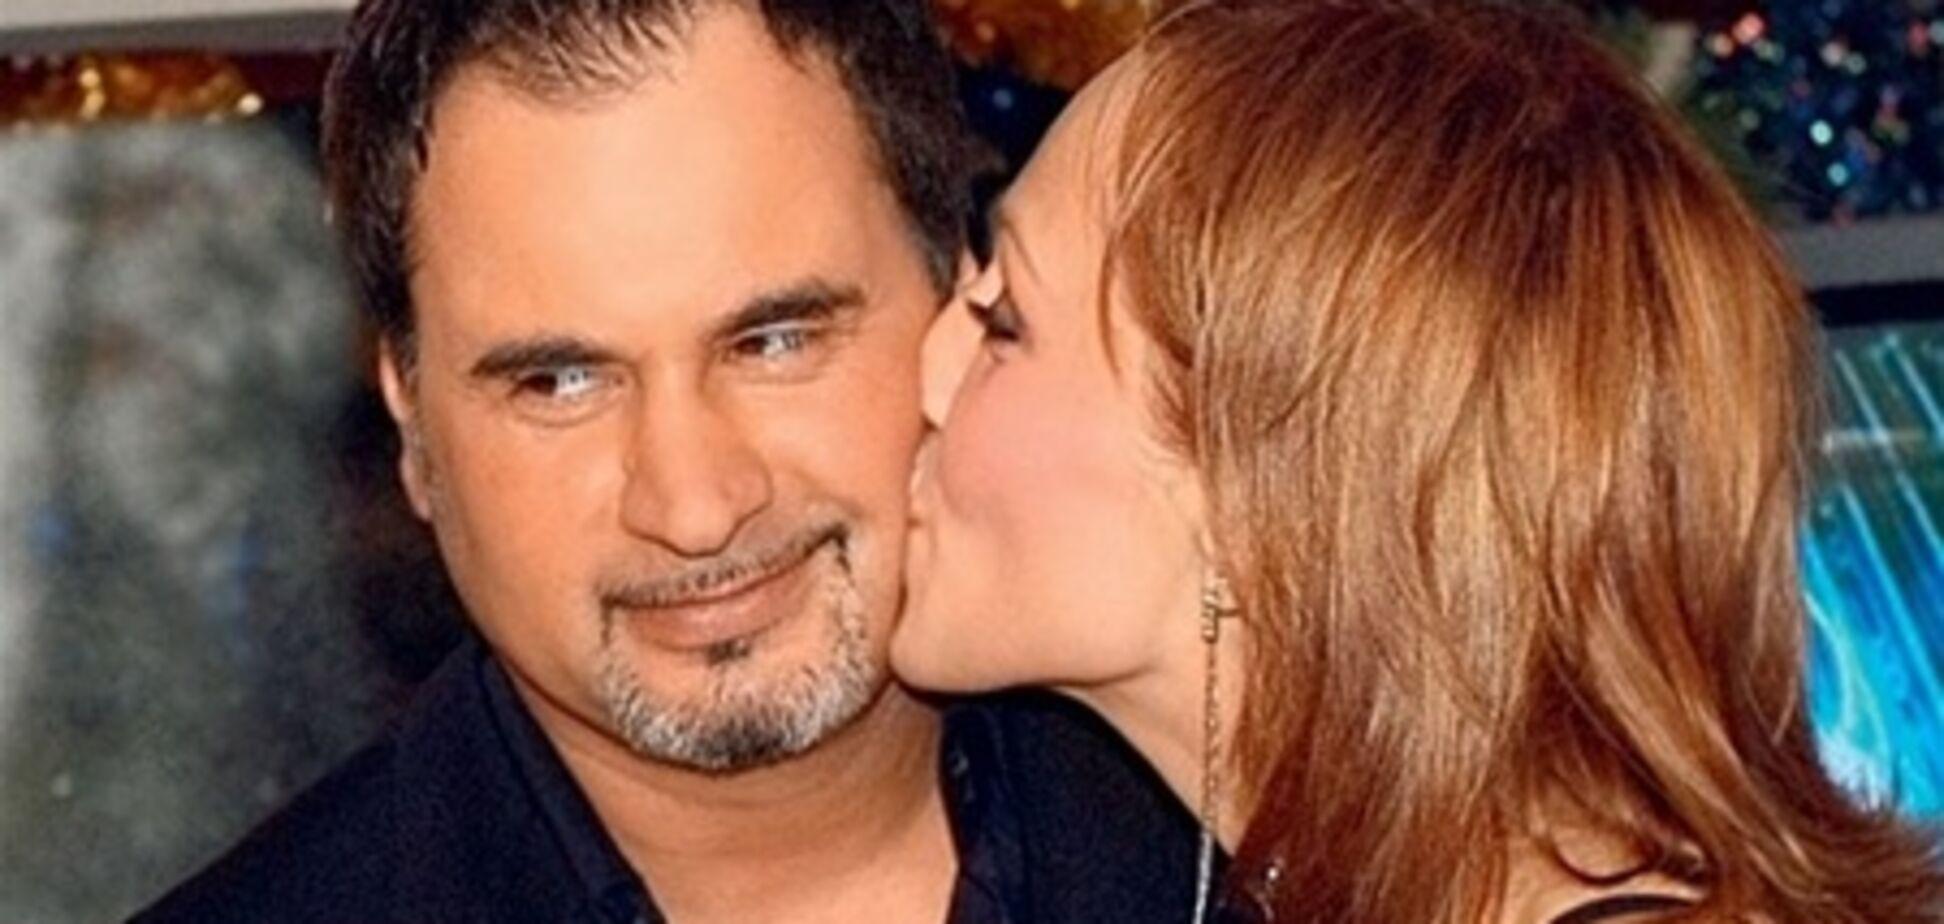 Меладзе напал на журналистку из-за поцелуя с Джанабаевой